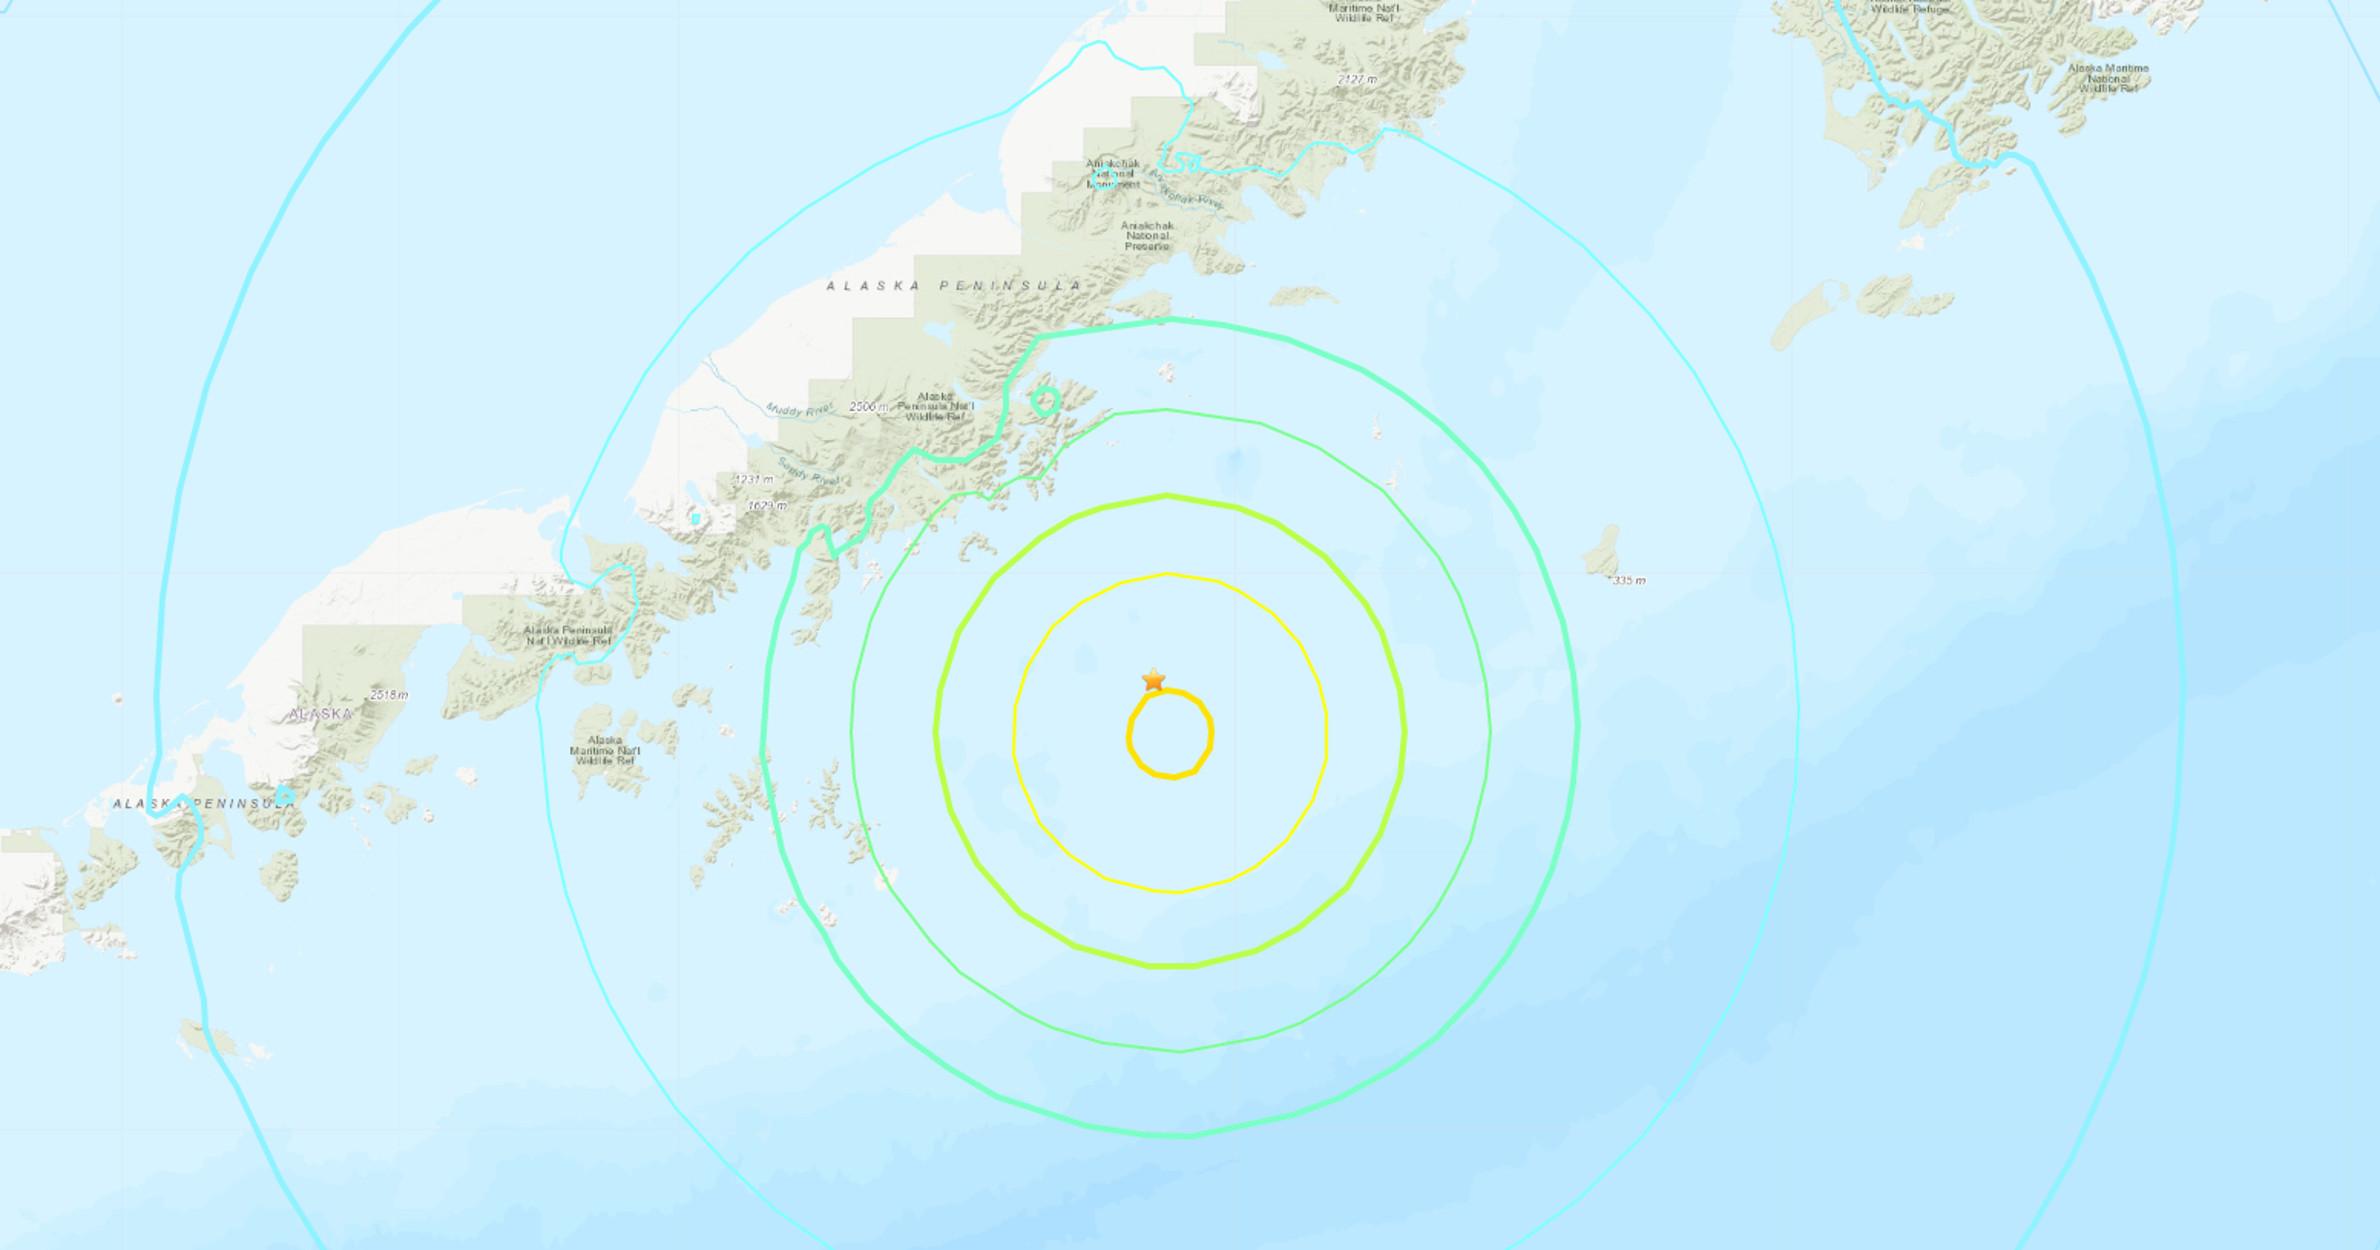 Τρομακτικός σεισμός 8,2 Ρίχτερ στην Αλάσκα – Προειδοποίηση για τσουνάμι